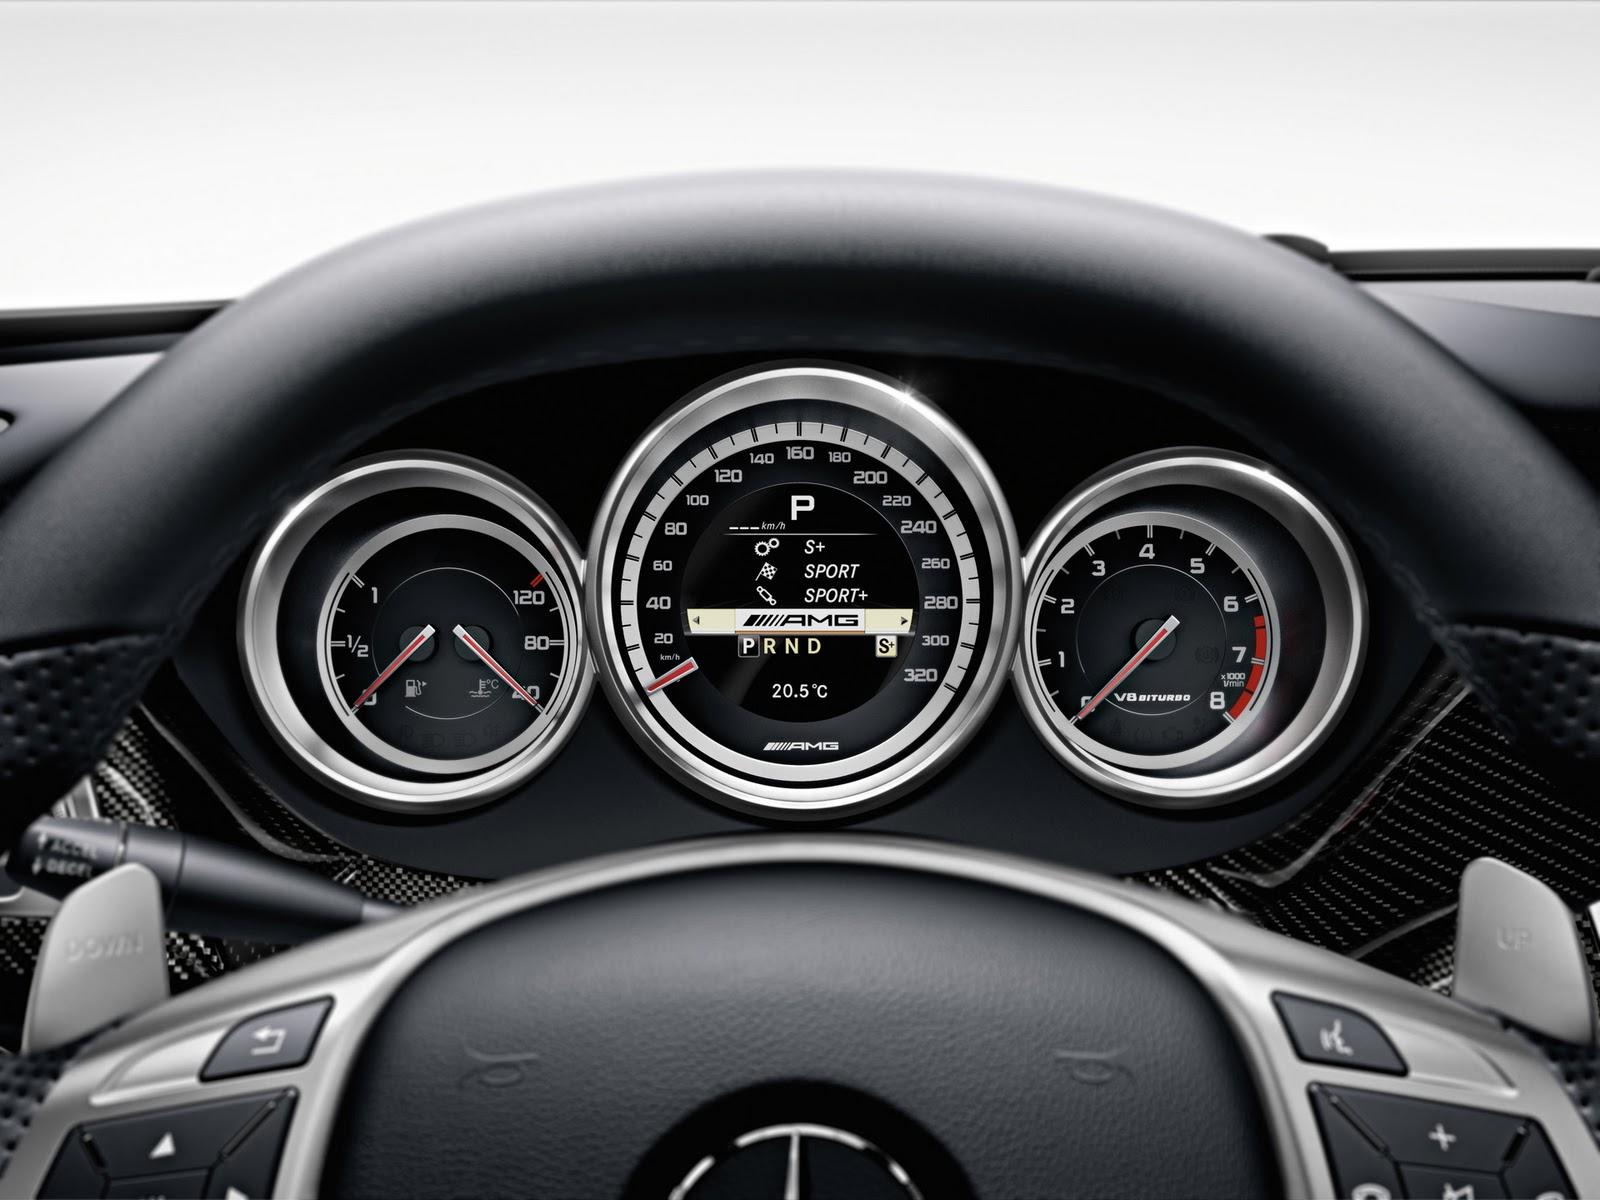 http://4.bp.blogspot.com/_viCh1SFyGrA/TO1vCqwuGCI/AAAAAAAAAJk/WfKrffvG3tg/s1600/2011-Mercedes-Benz-CLS-63-AMG-Gauges-1920x1440.jpg